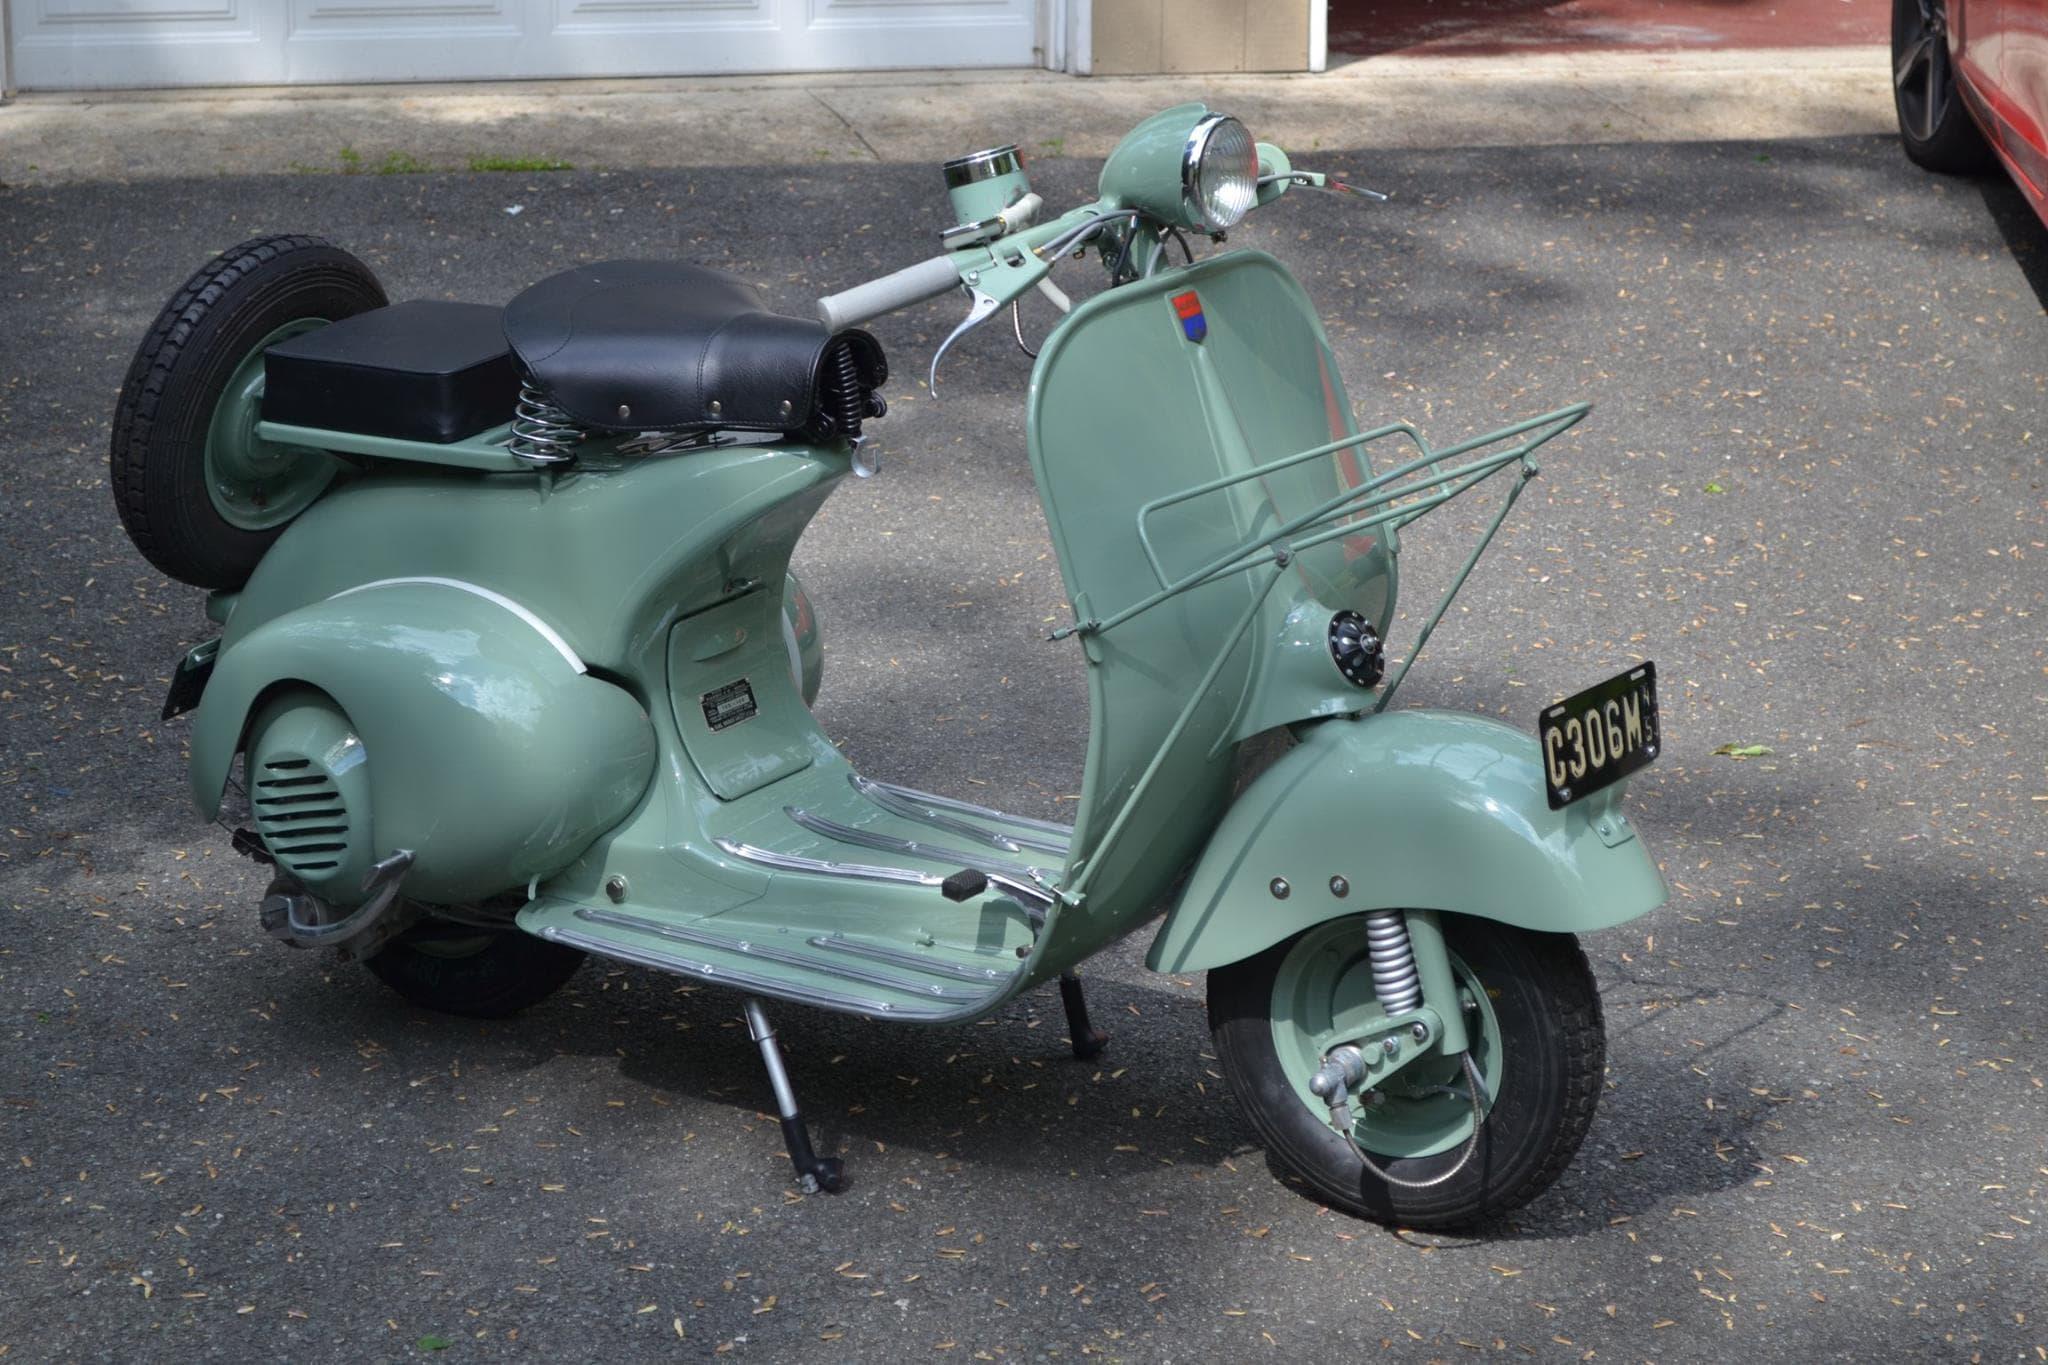 1951 Allstate Scooter 1954 Wiring Diagram Schematic Piaggio Cruisaire Sears Riders 2048x1365